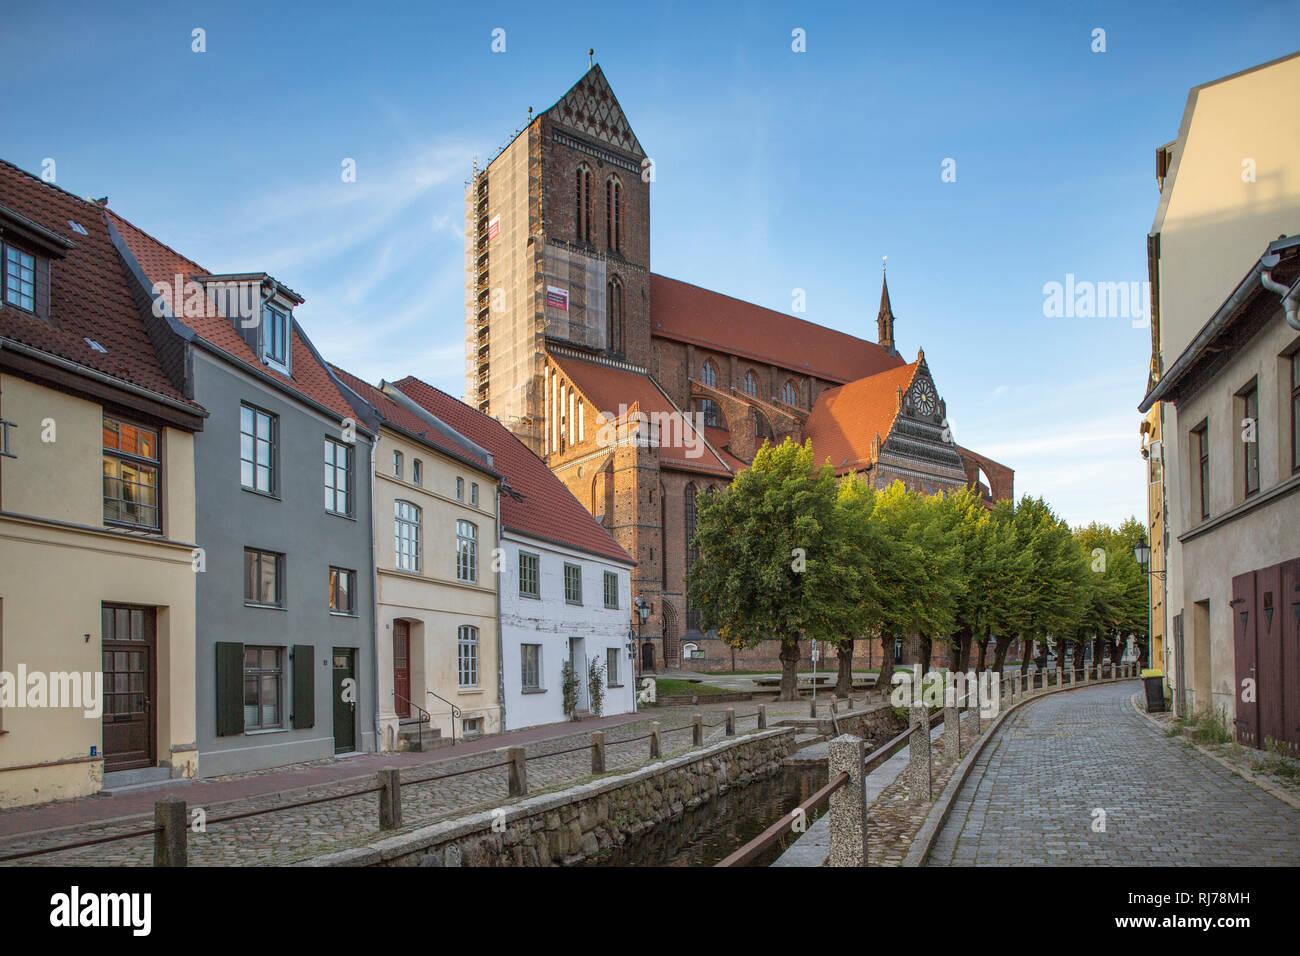 Gebäude und Kirche St. Nikolai in Wismar, Deutschland - Stock Image